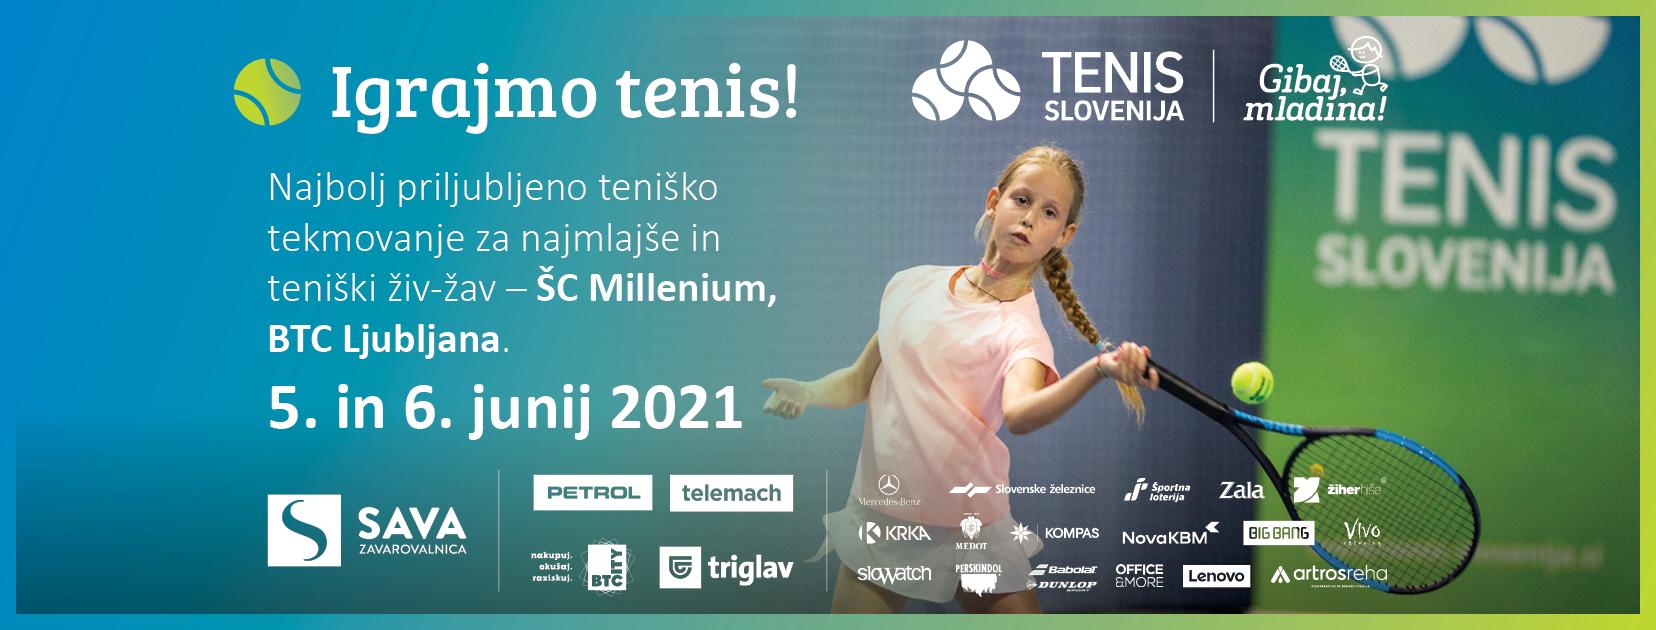 igrajmo tenis - Pridružite se nam na najbolj priljubljenemu teniškemu tekmovanju za najmlajše in teniškemu živ-žavu